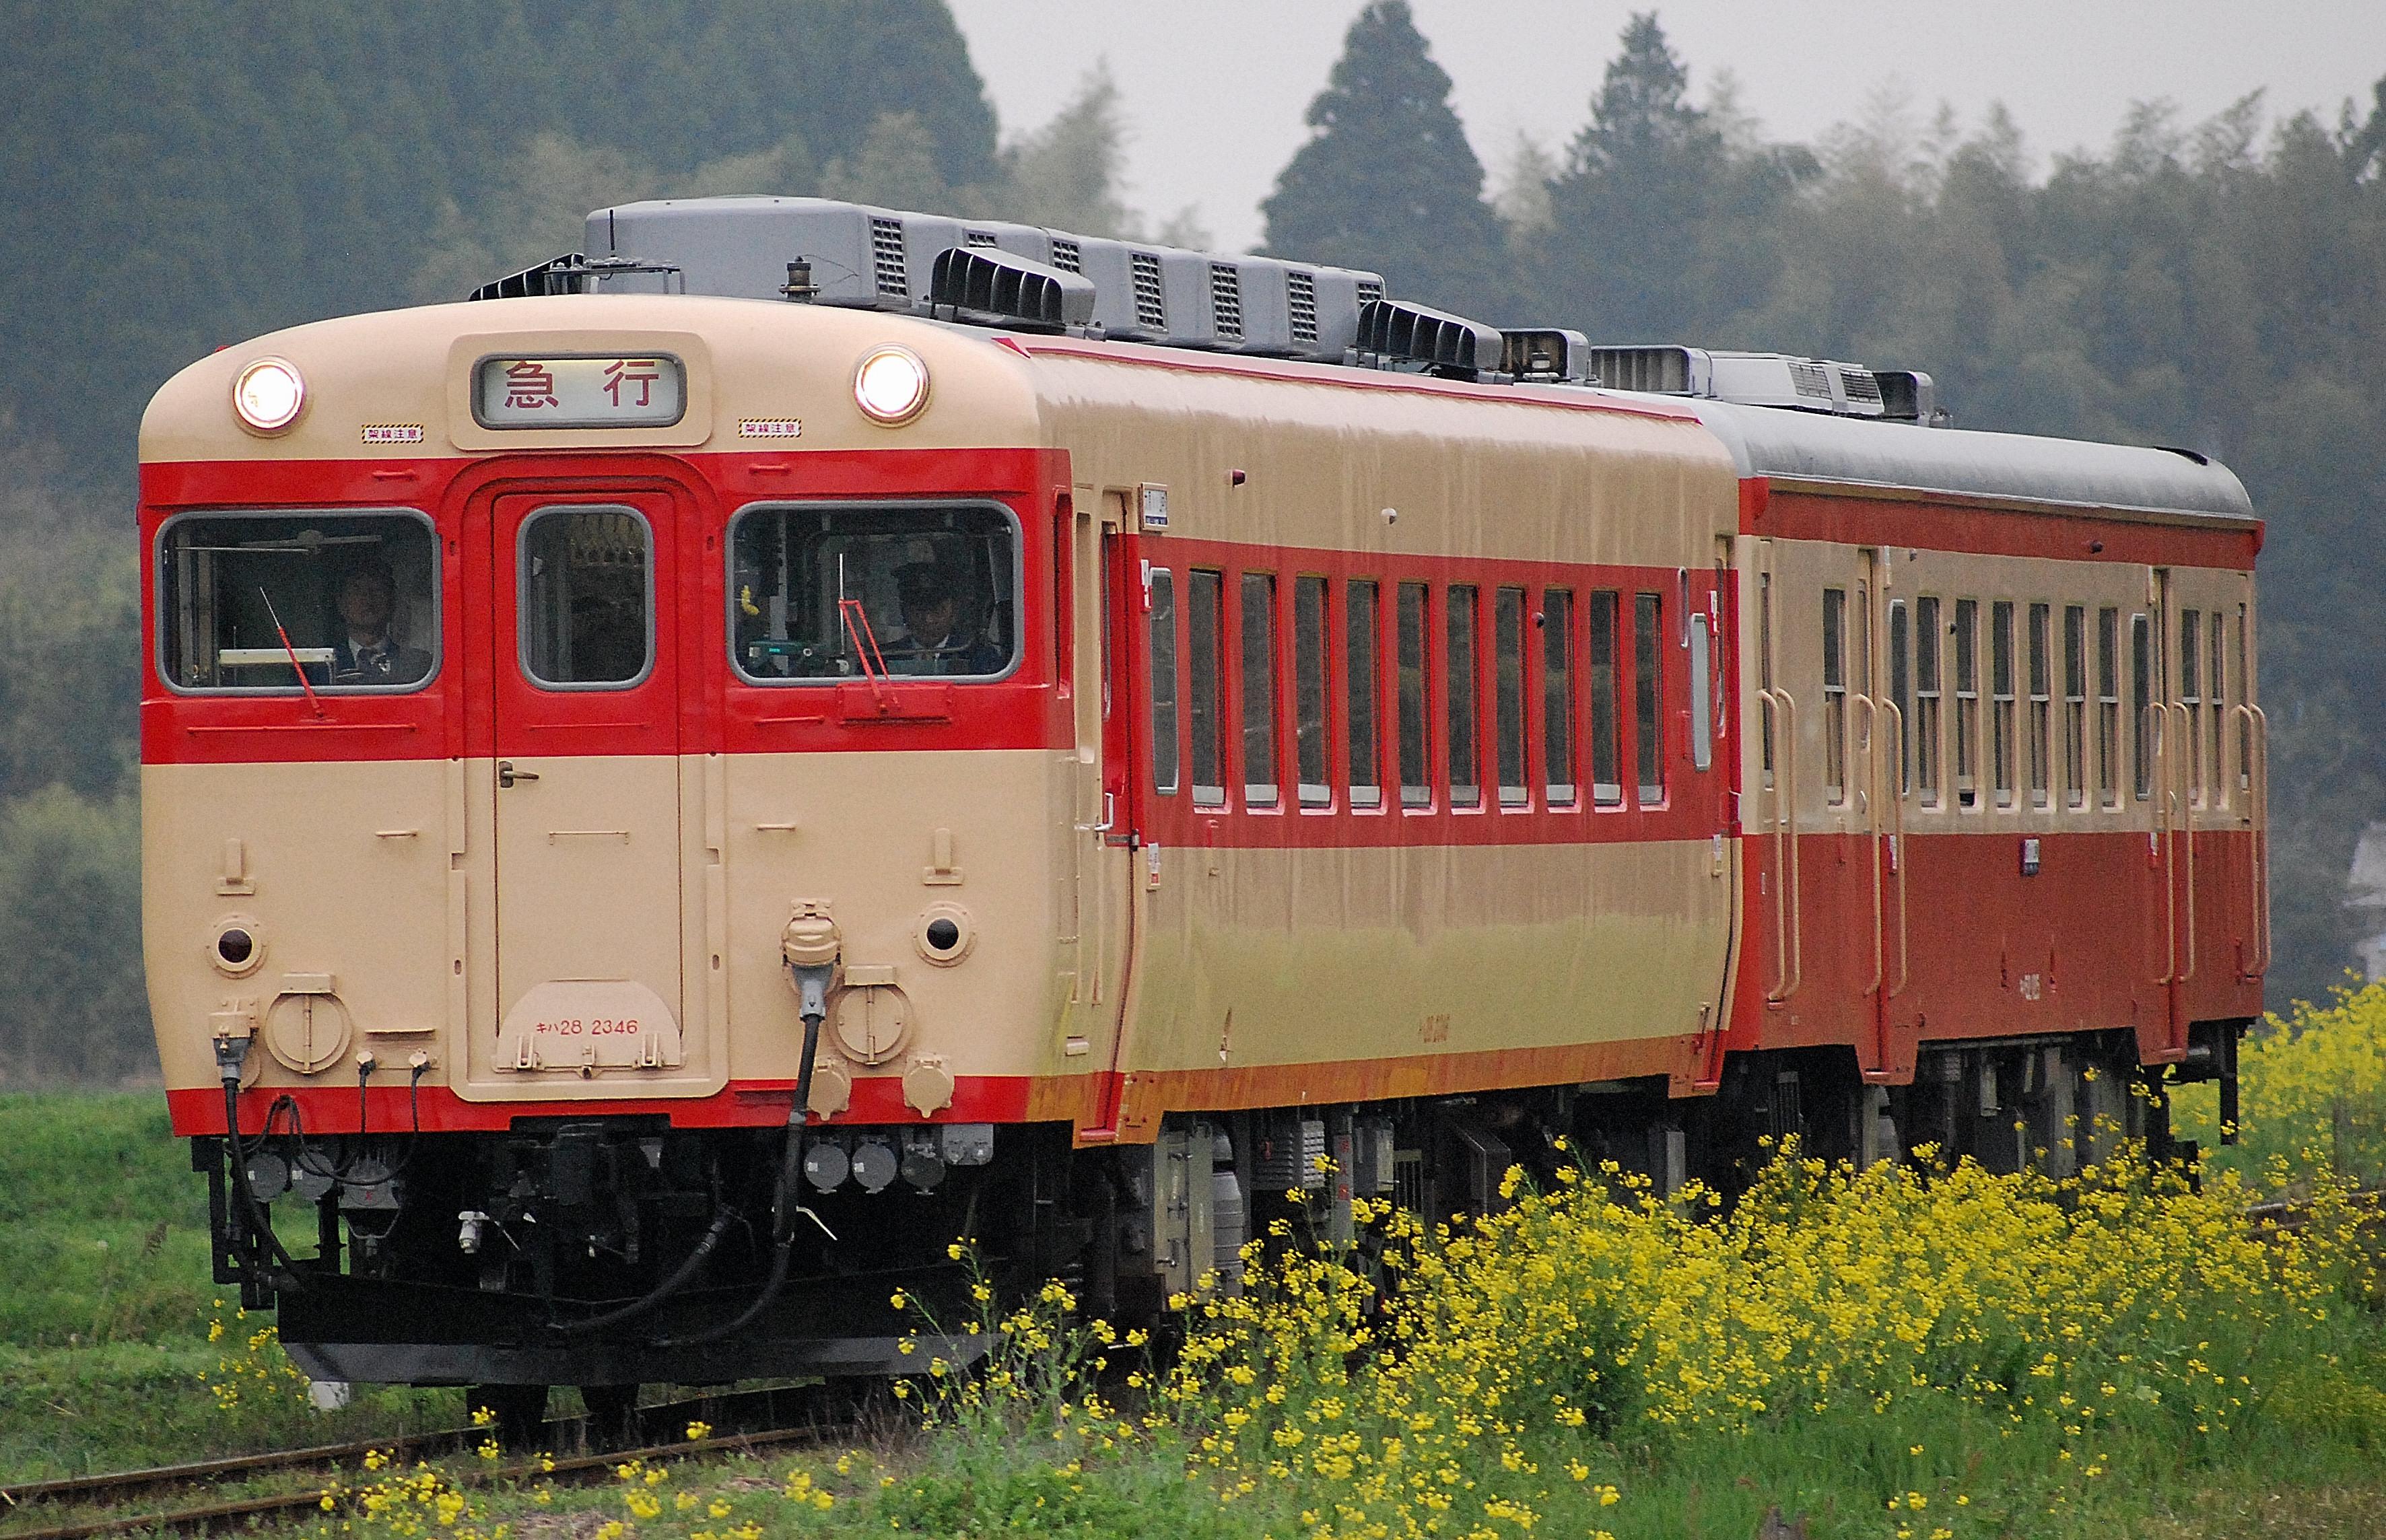 File:Isumi railway kiha 28 2346.JPG